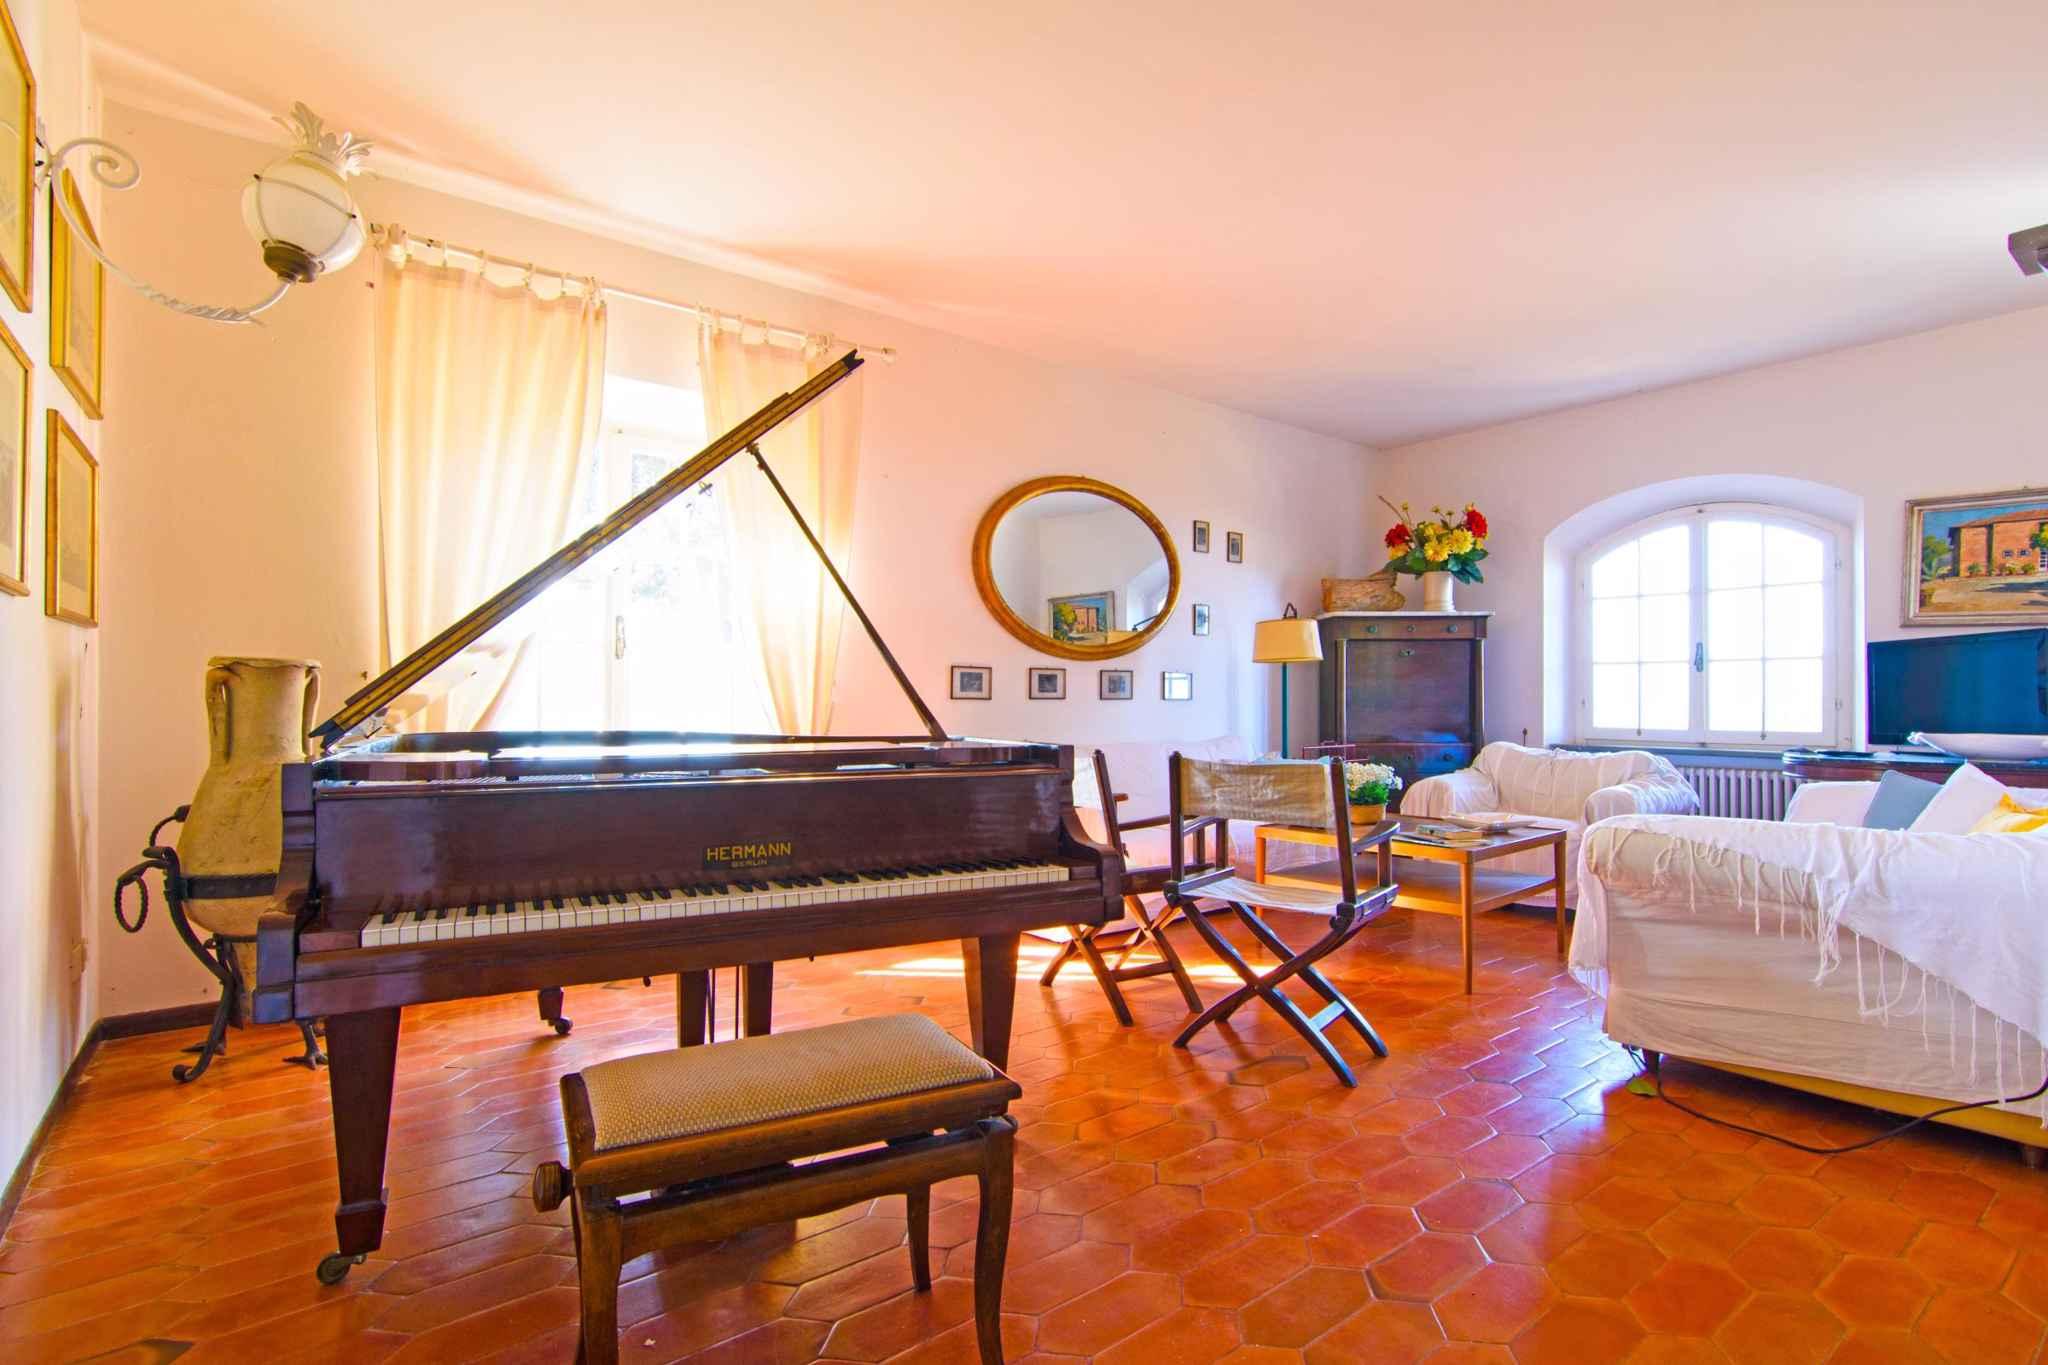 Ferienhaus Villa mit Whirlpool und Grillmöglichkeit (760810), Portoferraio, Elba, Toskana, Italien, Bild 25